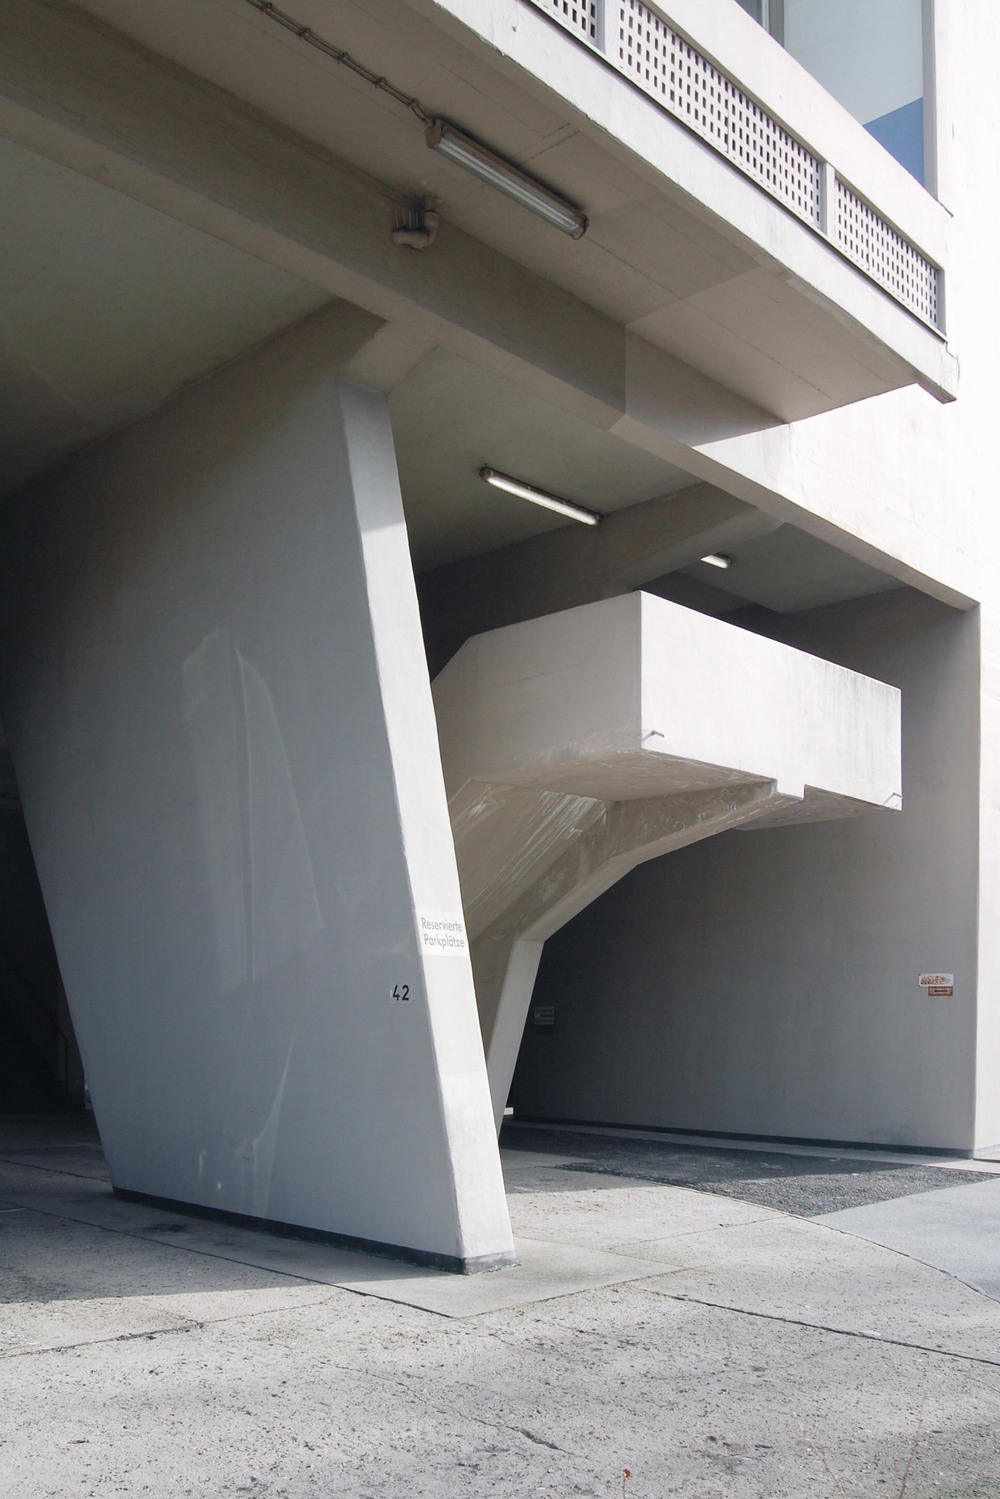 urbanbacklog-berlin-le-corbusier